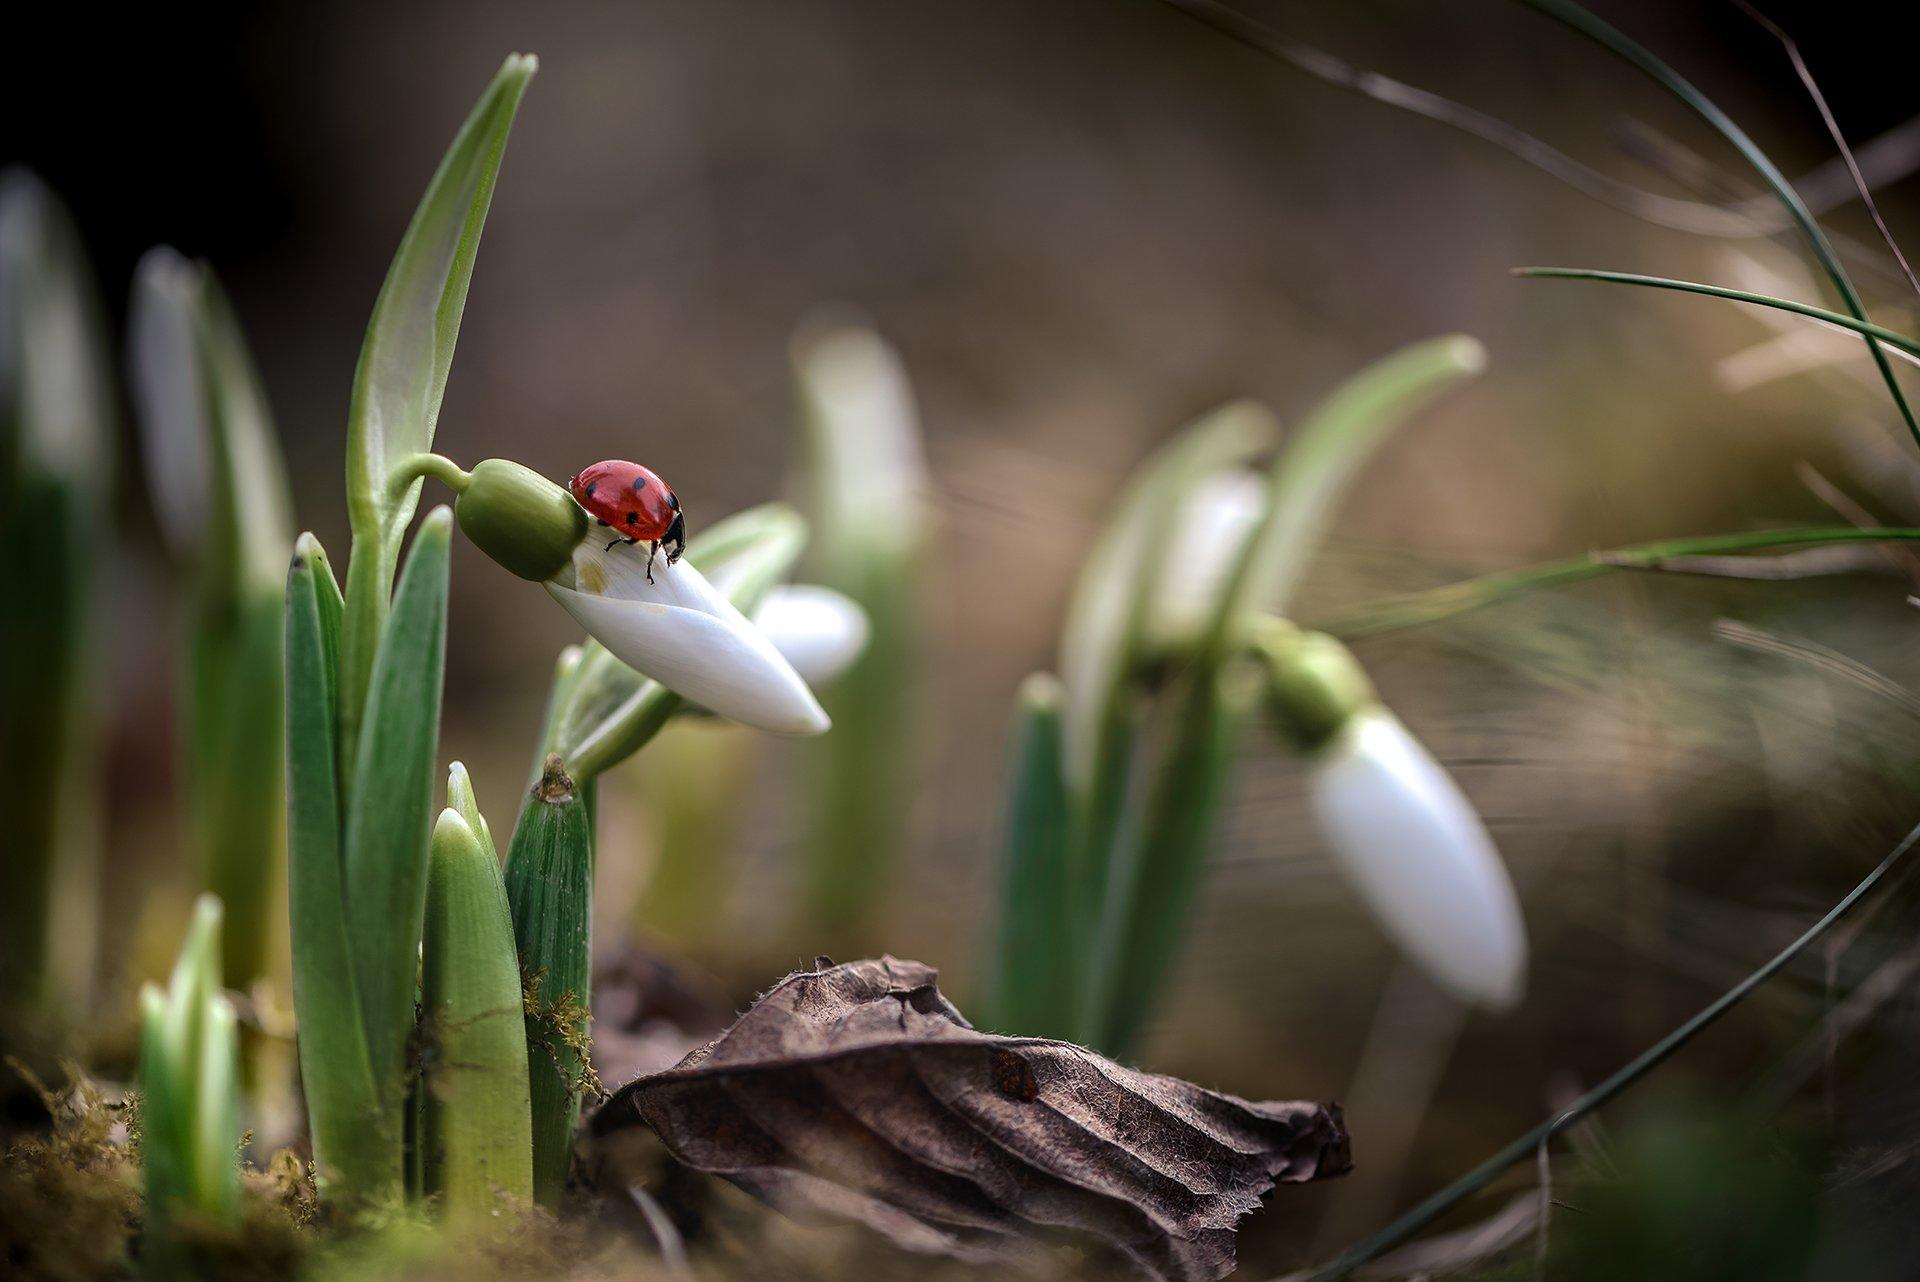 природа, макро, весна, цветы, галантус, жук, божья коровка, Неля Рачкова